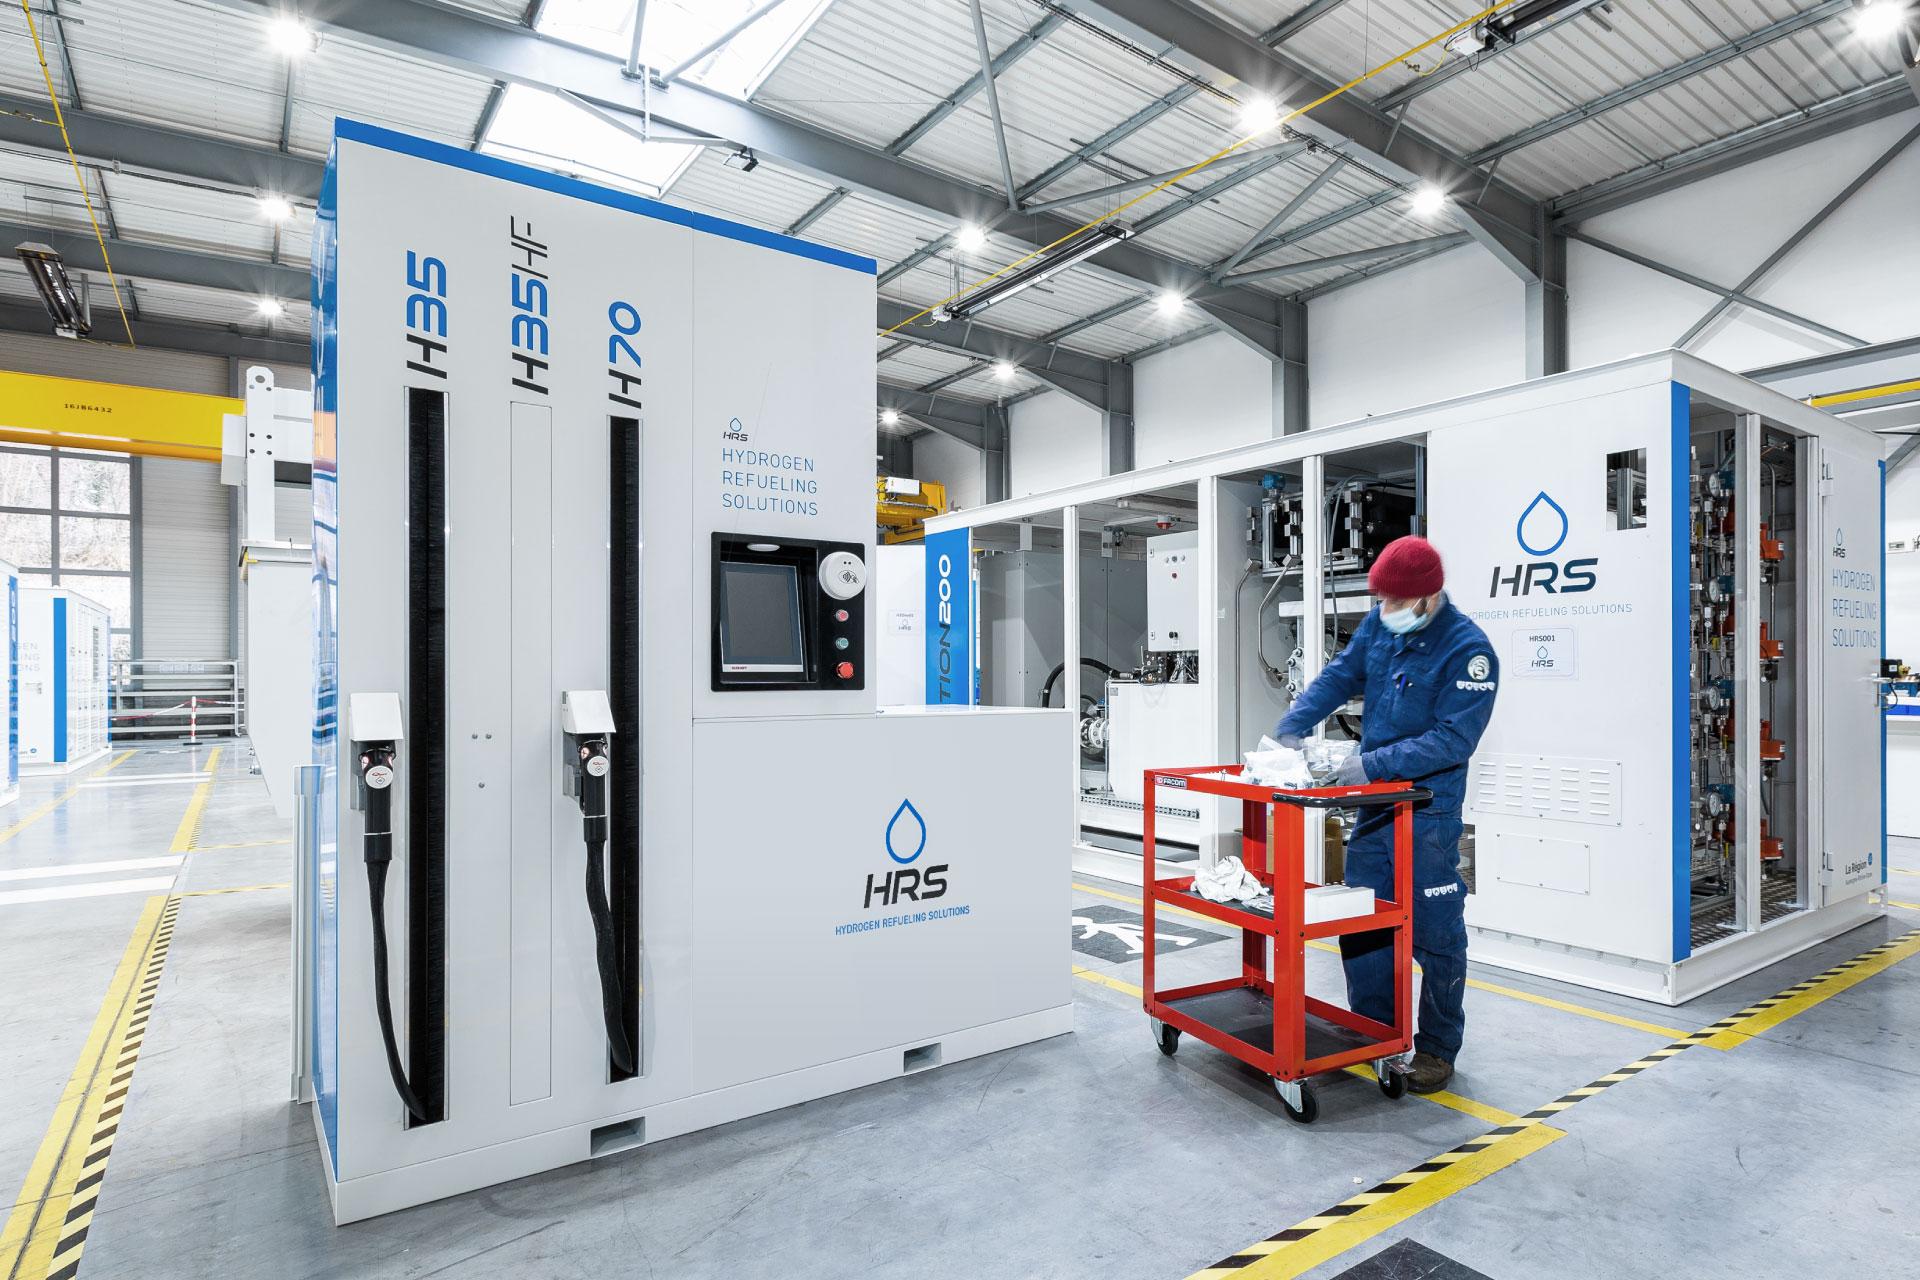 HRS - Conception et fabrication de stations de ravitaillement hydrogène en France